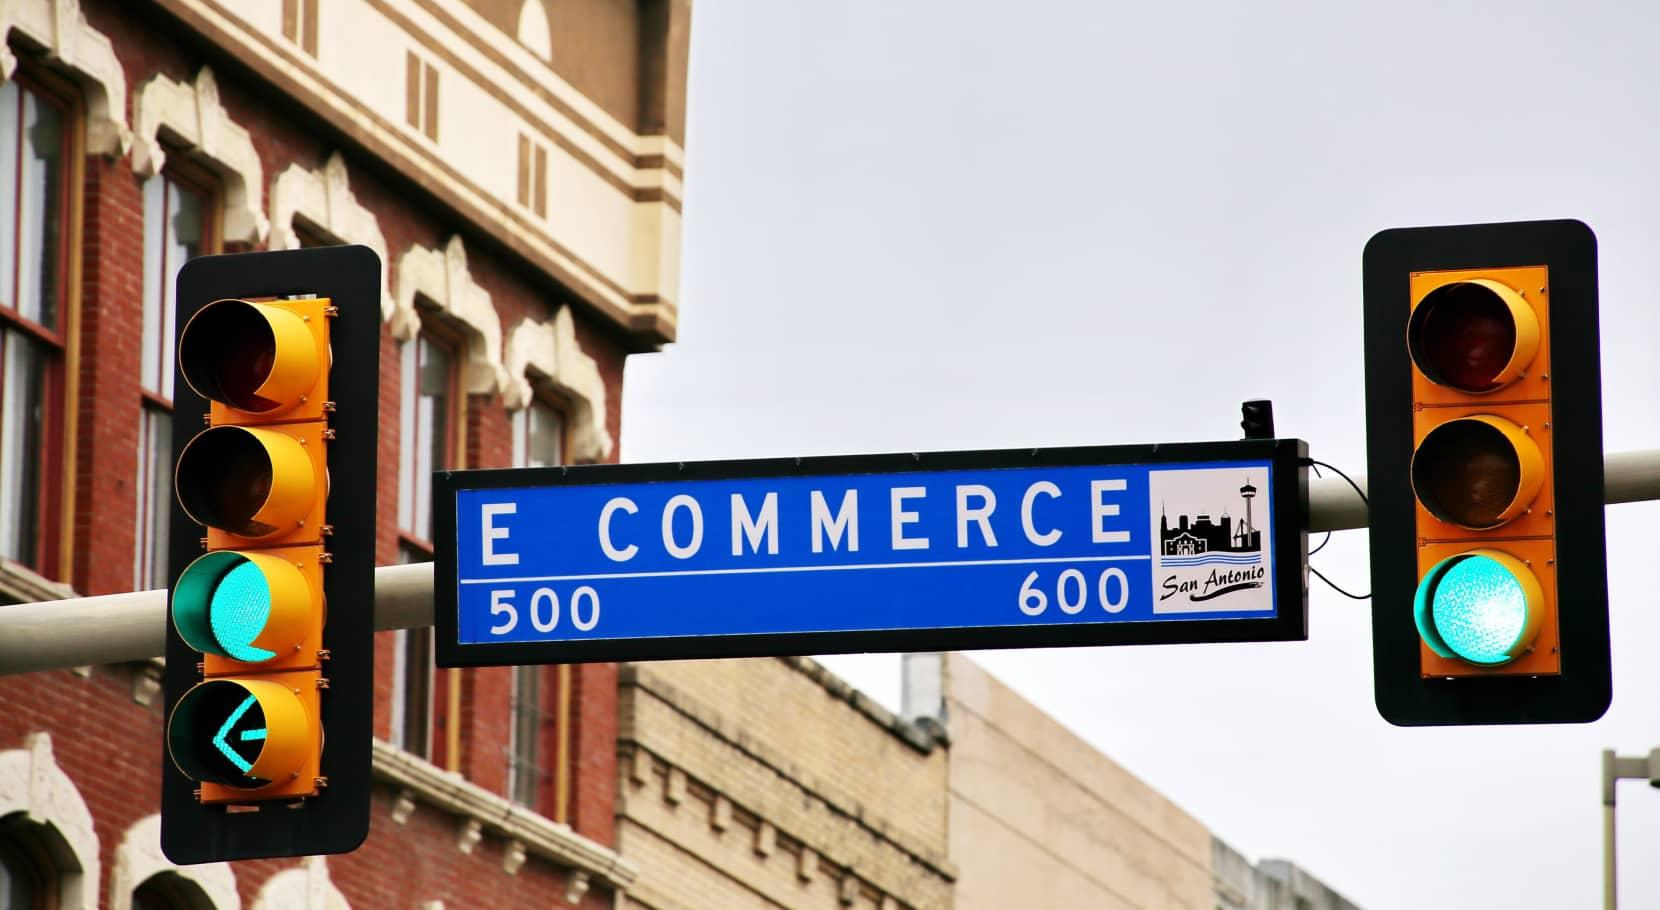 Panneau de signalisation e commerce